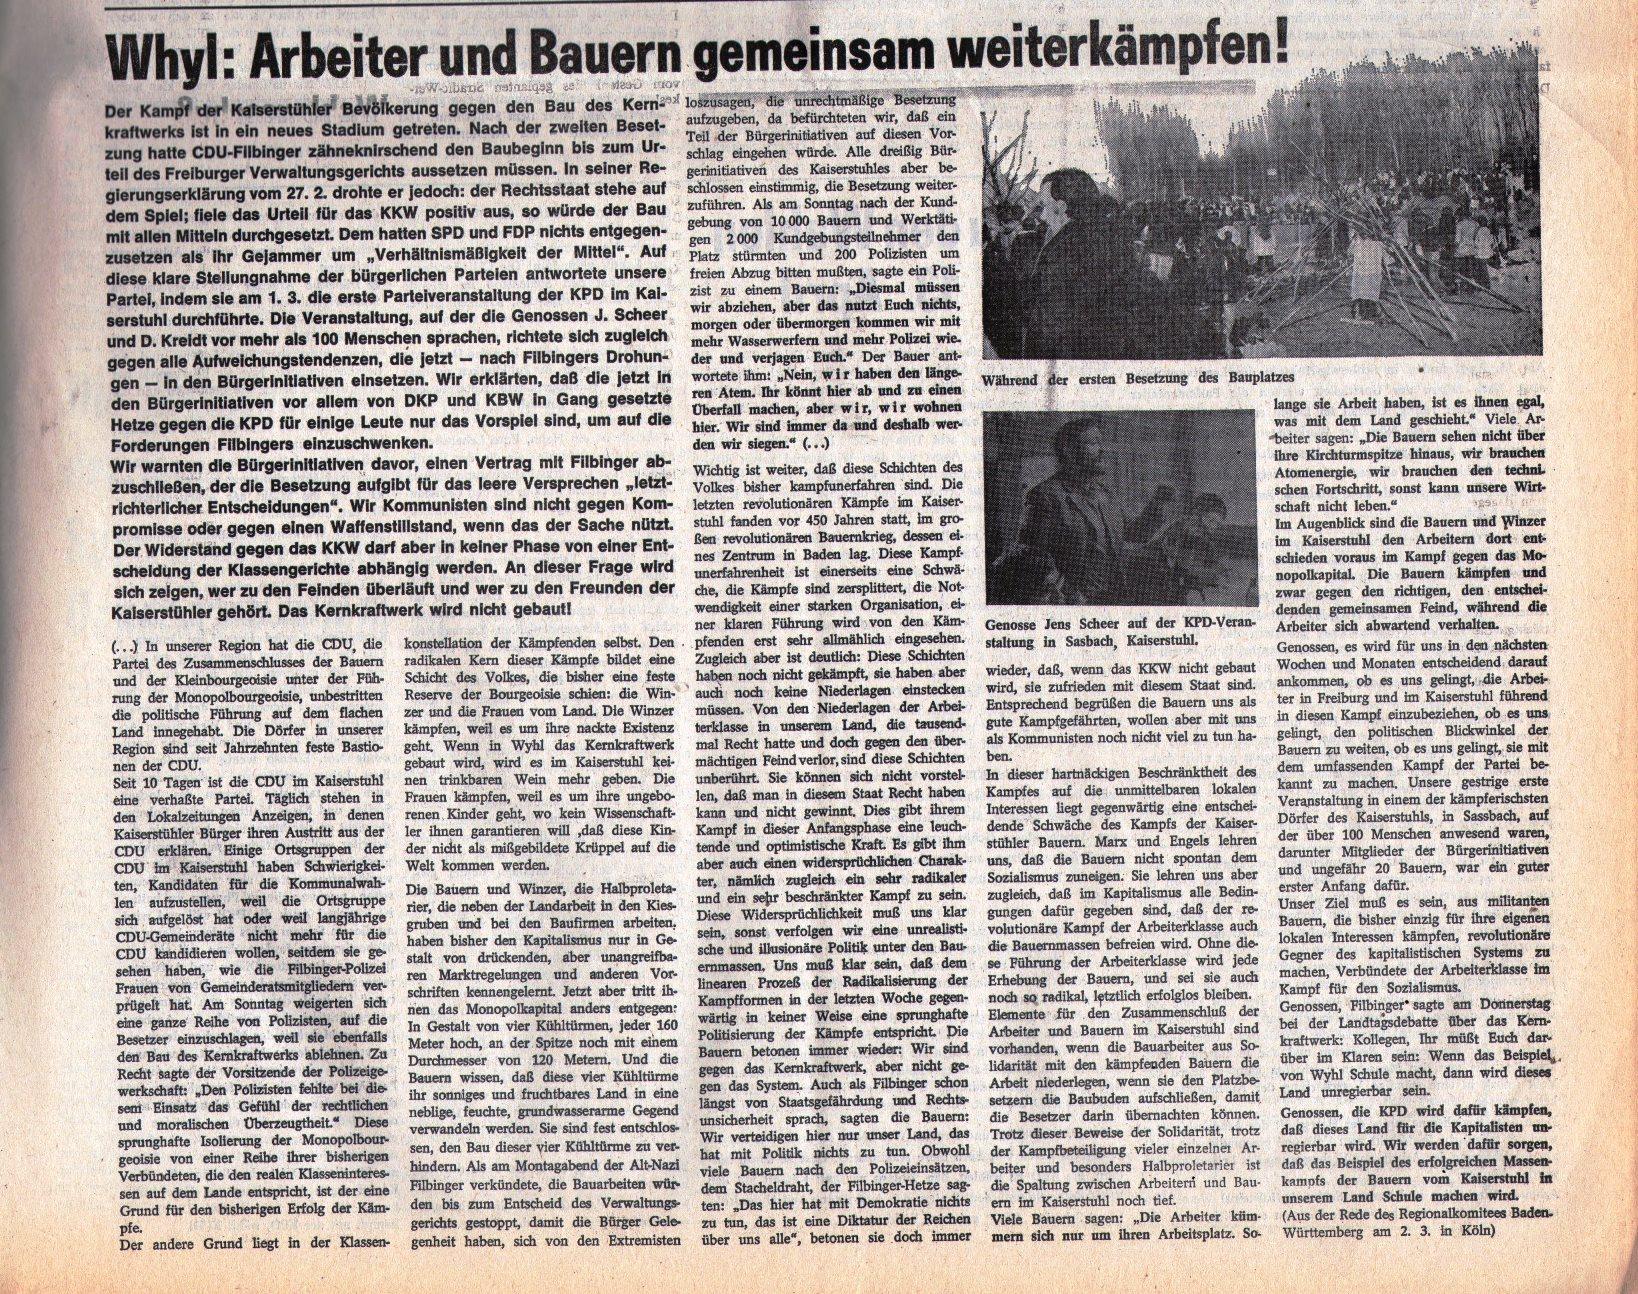 KPD_Rote_Fahne_1975_09_18